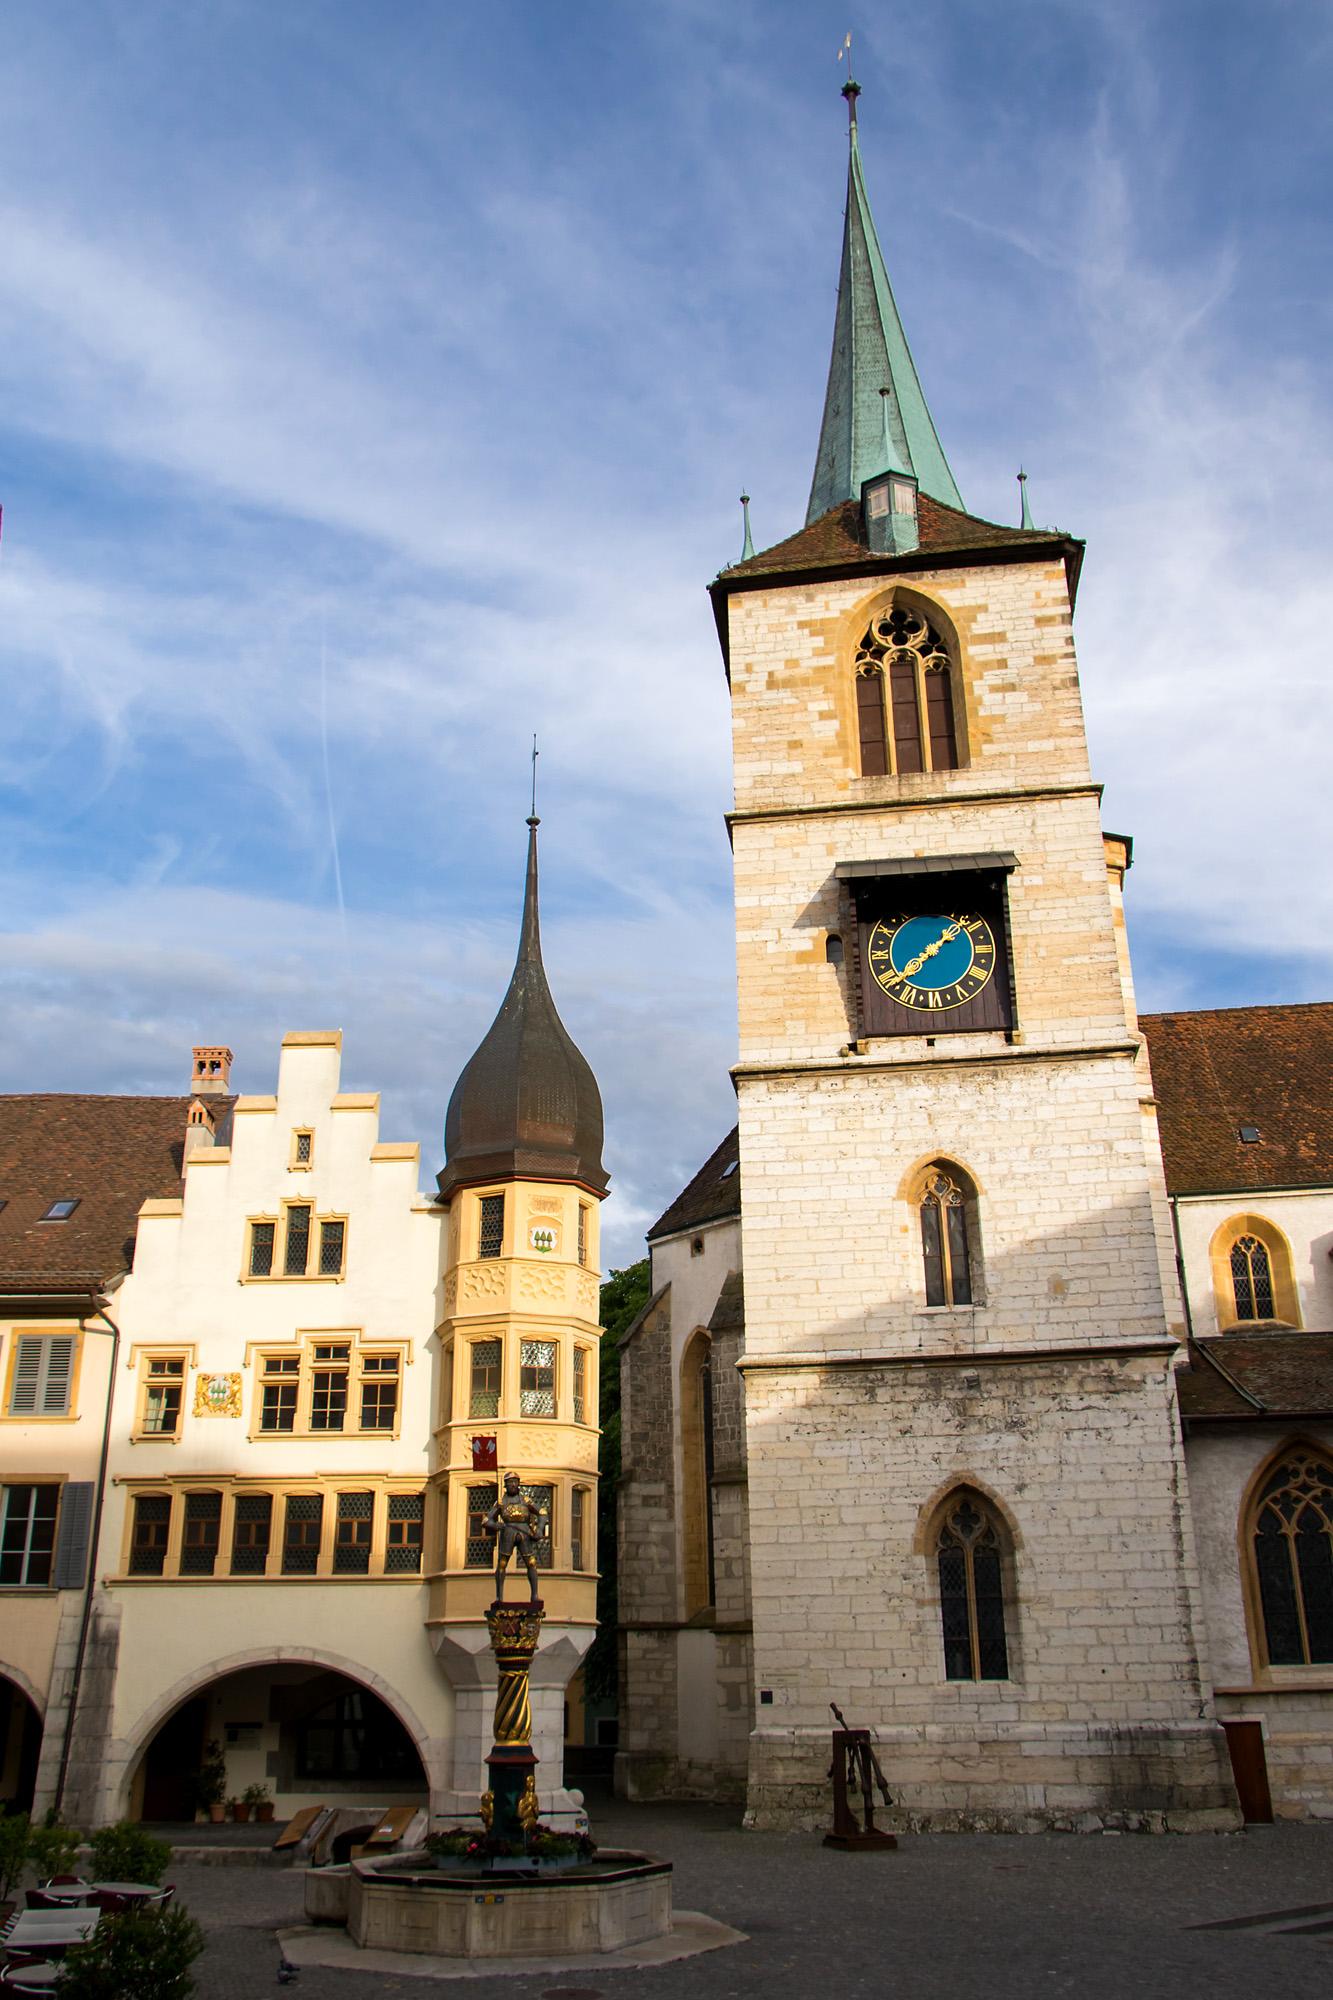 Zunfthaus zu Waldleuten, seit dem 15. Jahrhundert die Heimat einer der sechs Bieler Zünfte. Daneben die spätgotische Stadtkirche aus dem 15. Jahrhundert